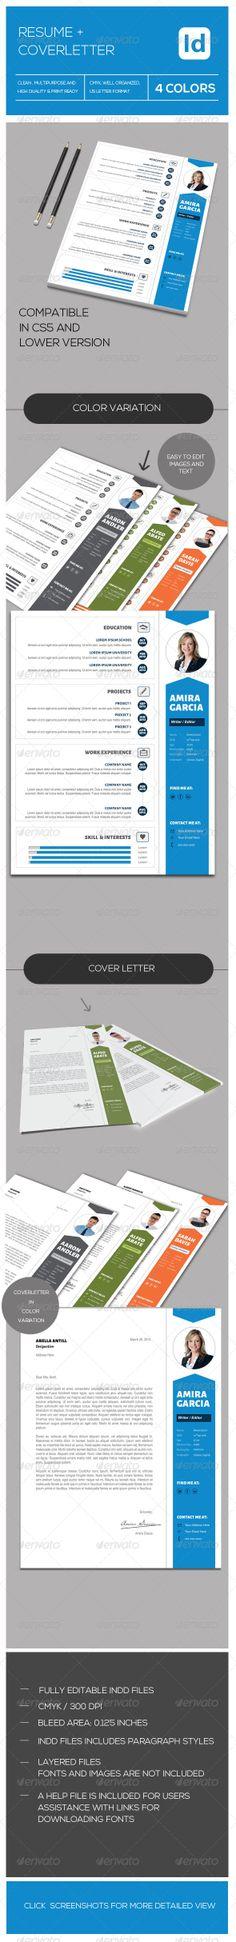 Resume & Coverletter